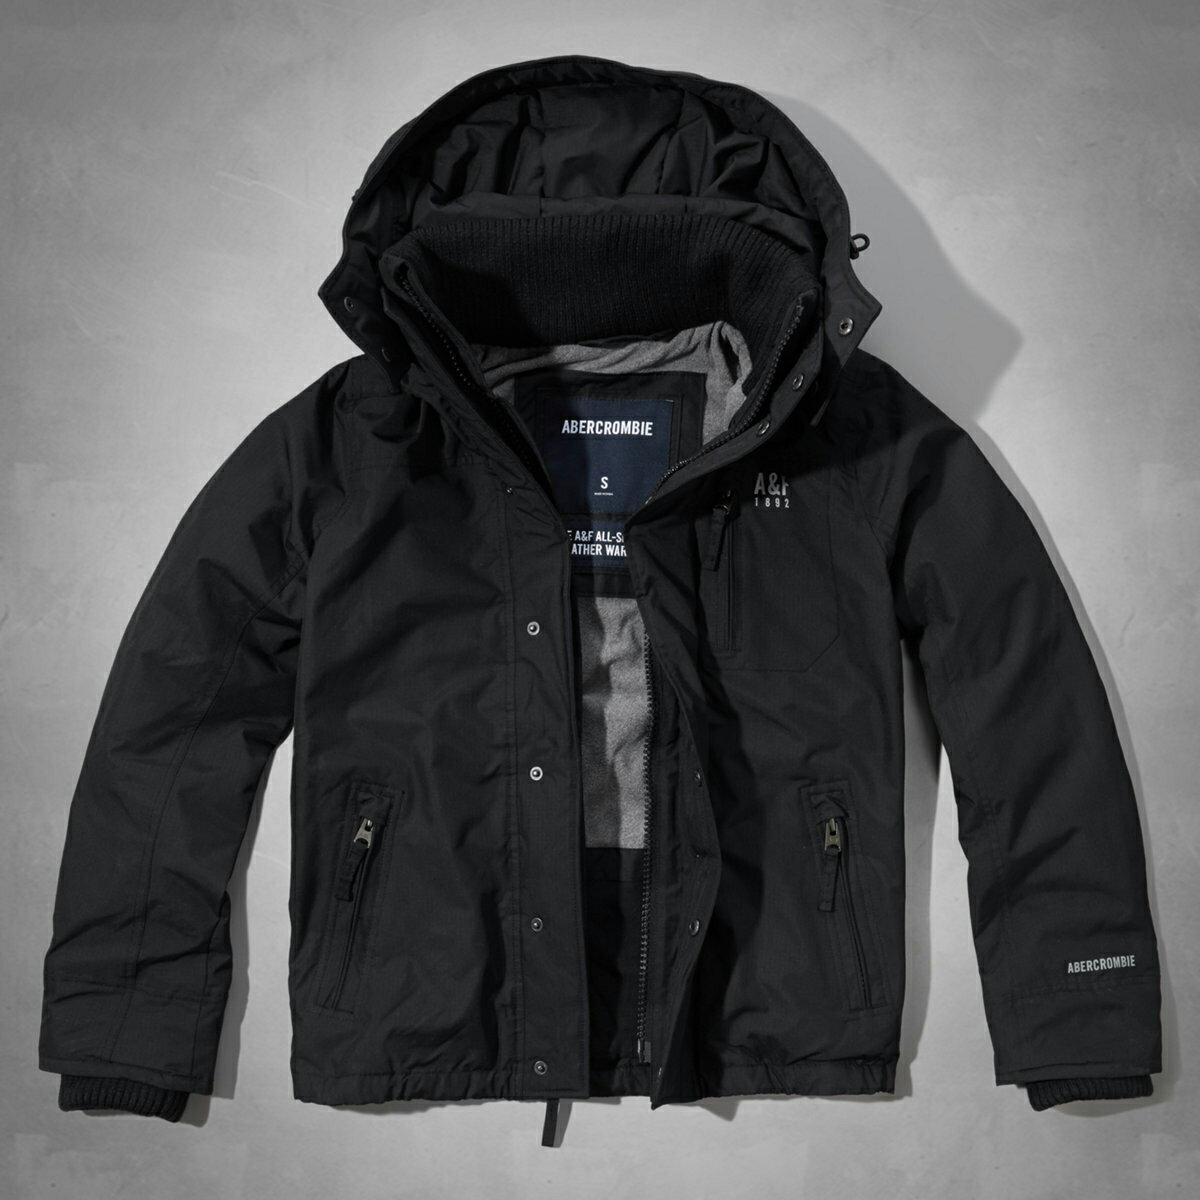 美國百分百【Abercrombie & Fitch】外套 AF 連帽 夾克 麋鹿 黑色 風衣 男 S XL C343